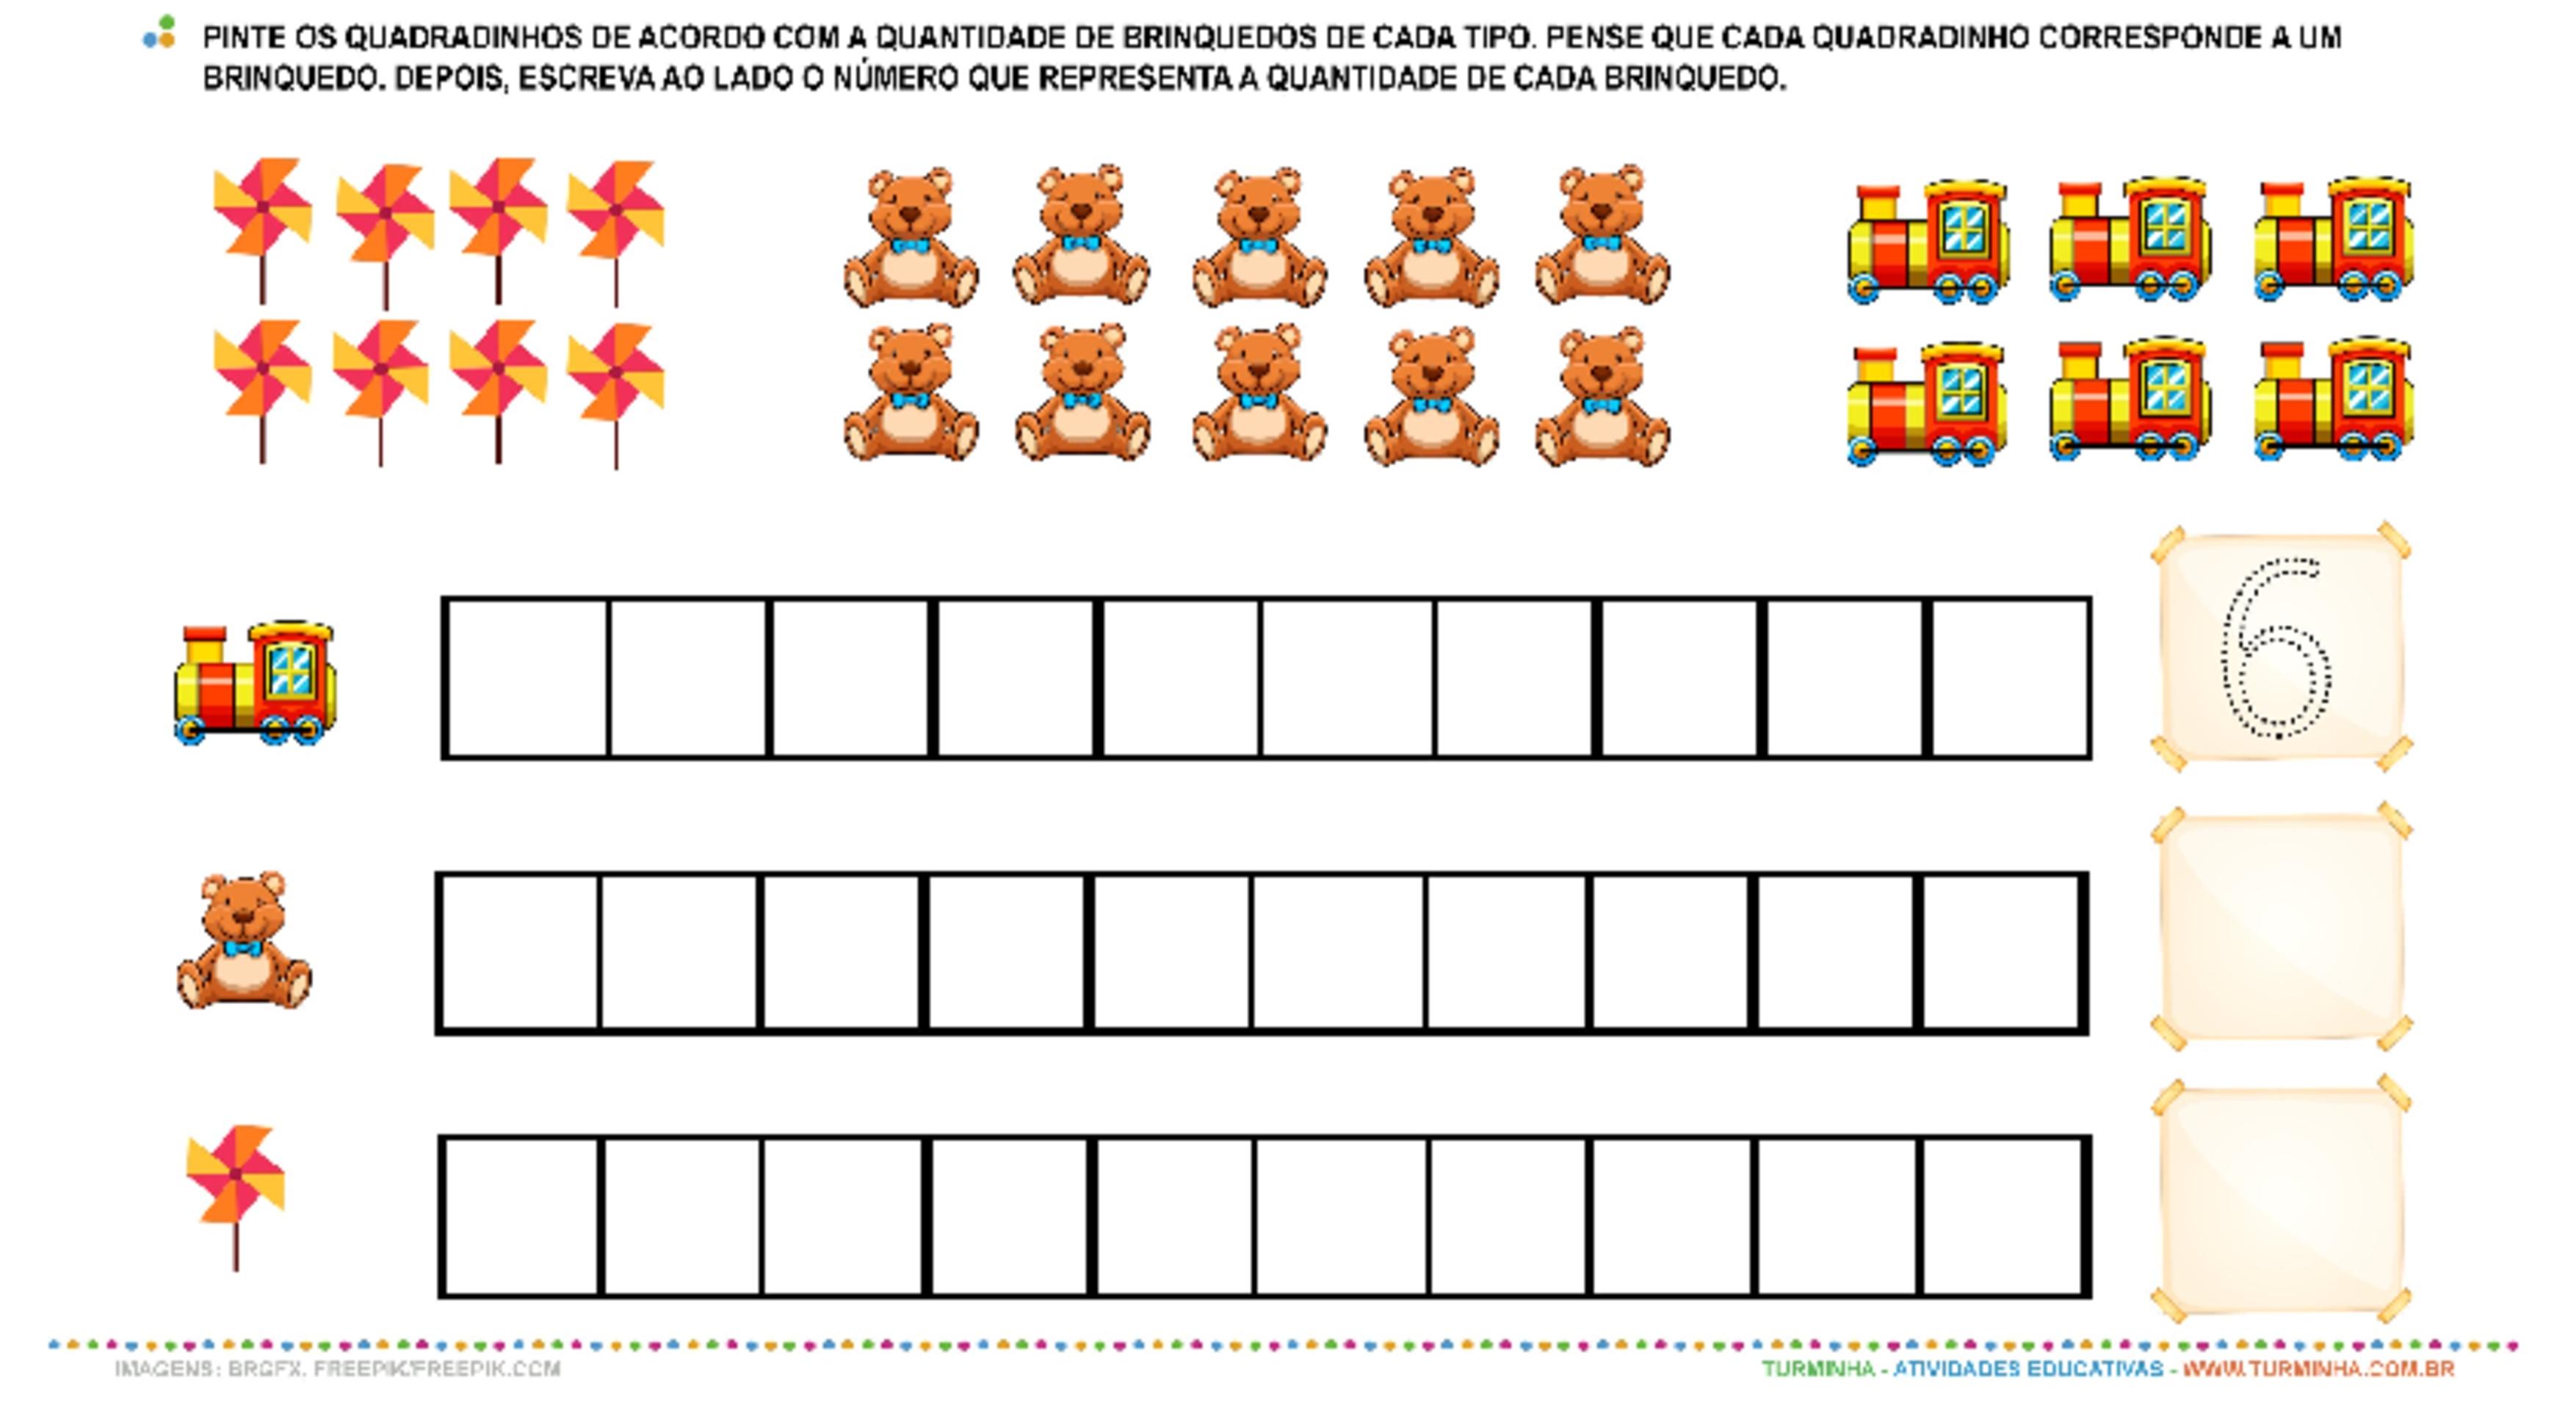 Vamos contar os brinquedos? - atividade educativa para Pré-Escola (4 e 5 anos)